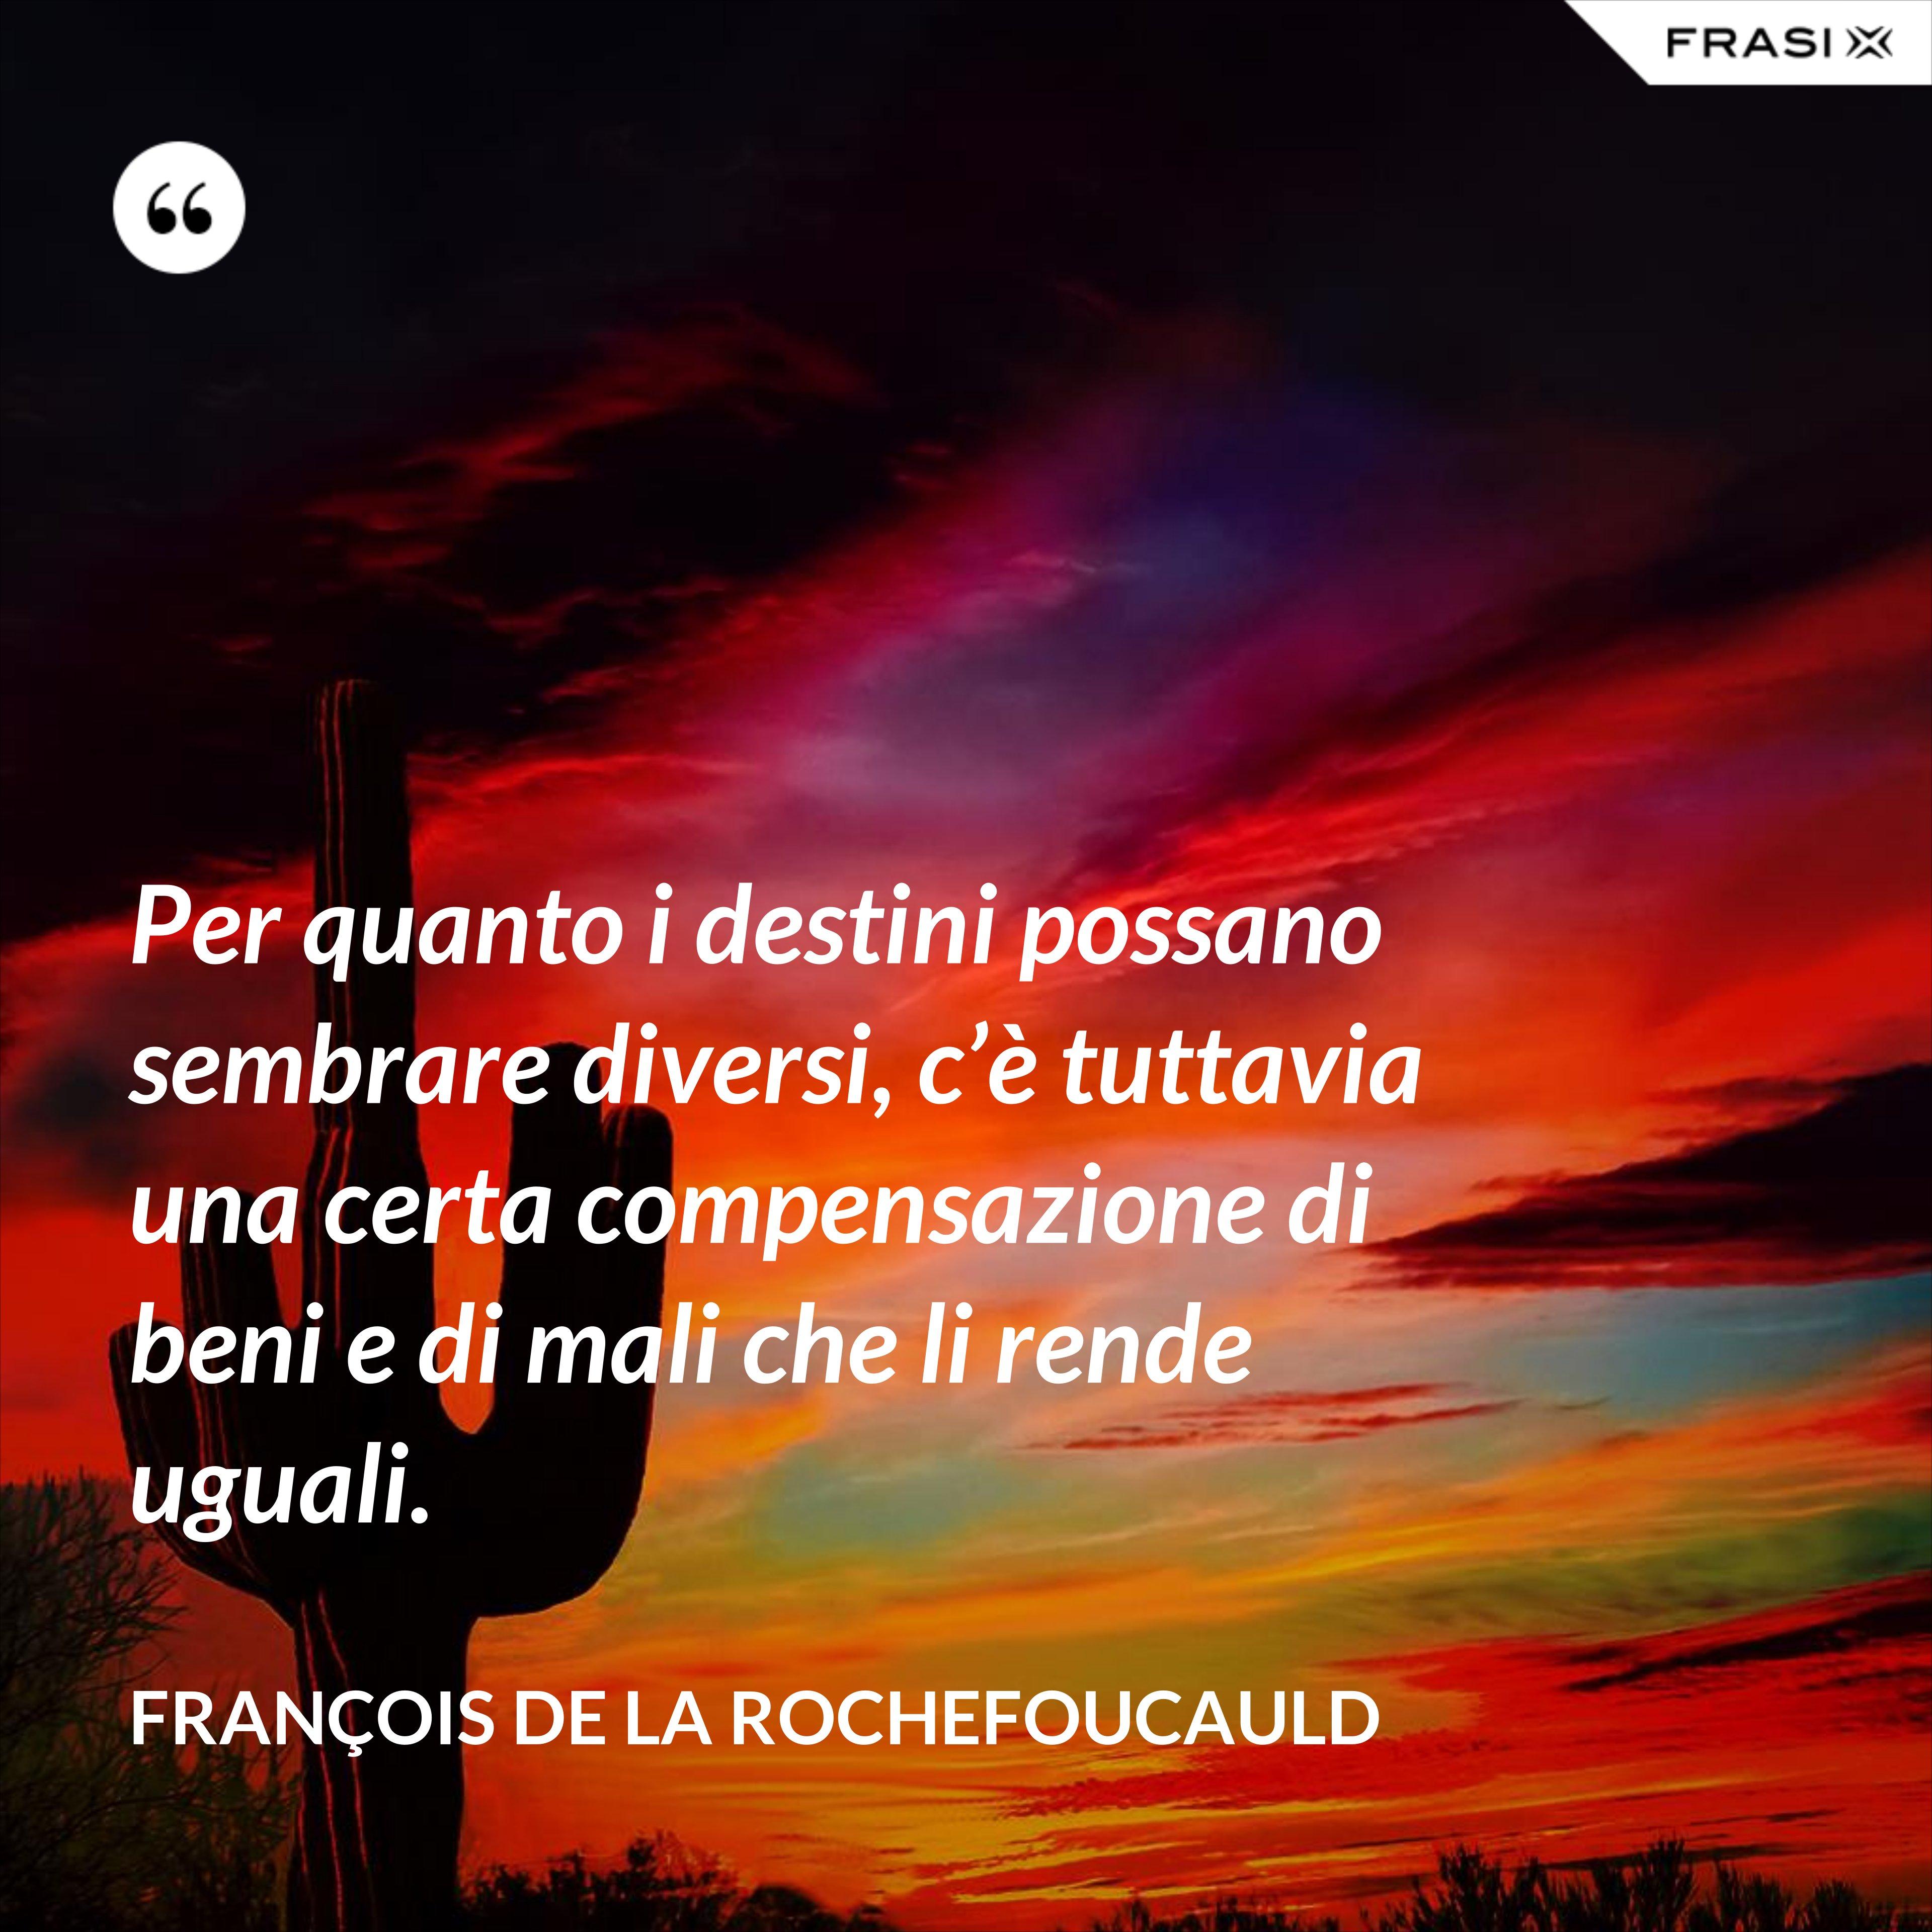 Per quanto i destini possano sembrare diversi, c'è tuttavia una certa compensazione di beni e di mali che li rende uguali. - François de La Rochefoucauld